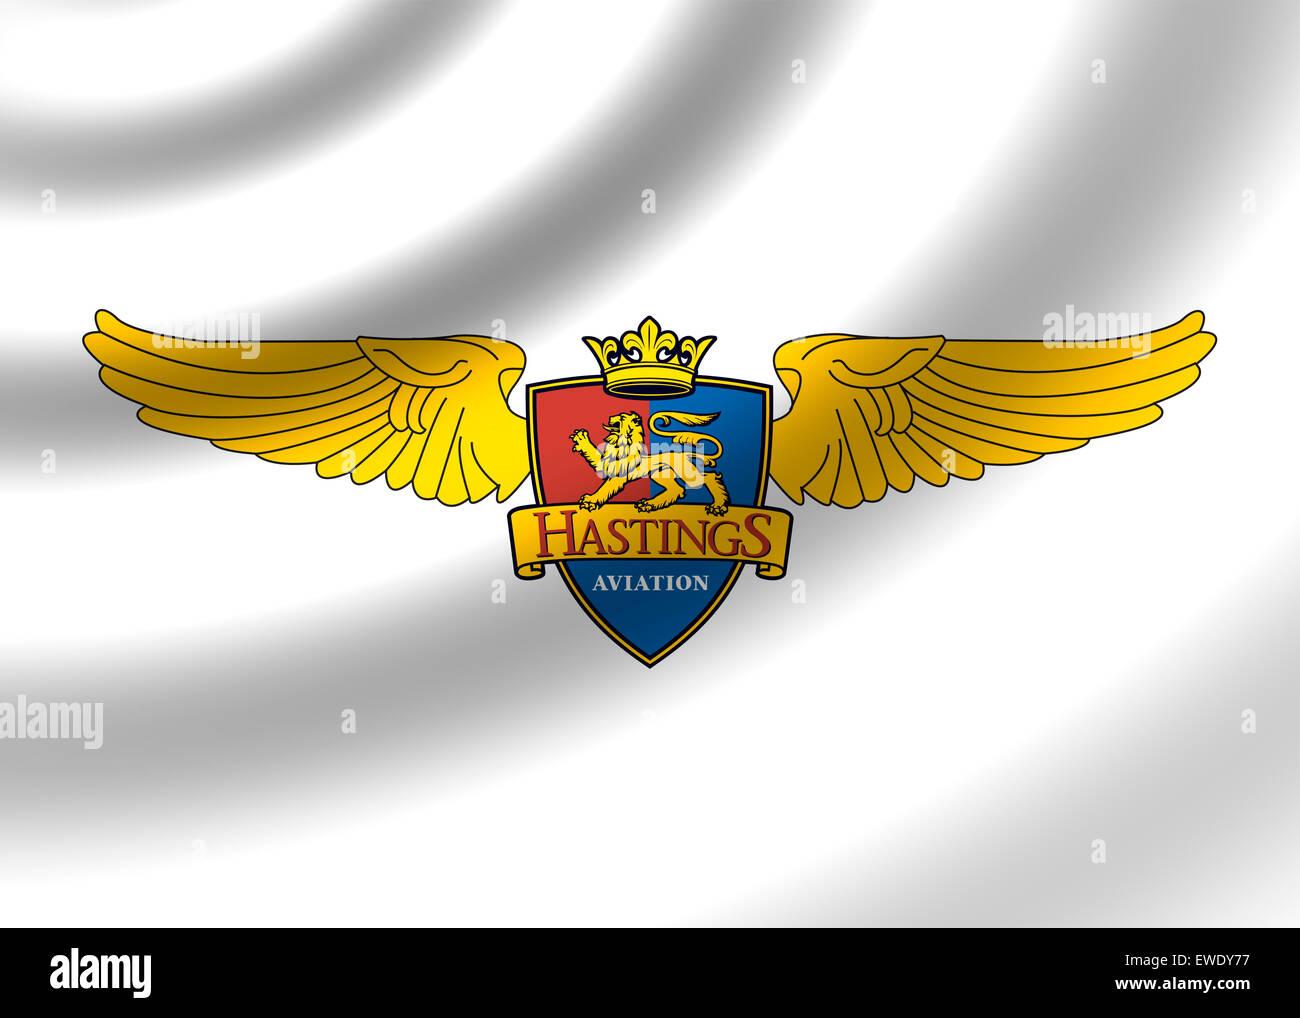 Icône logo aviation hastings symbole du drapeau emblème sign Photo Stock